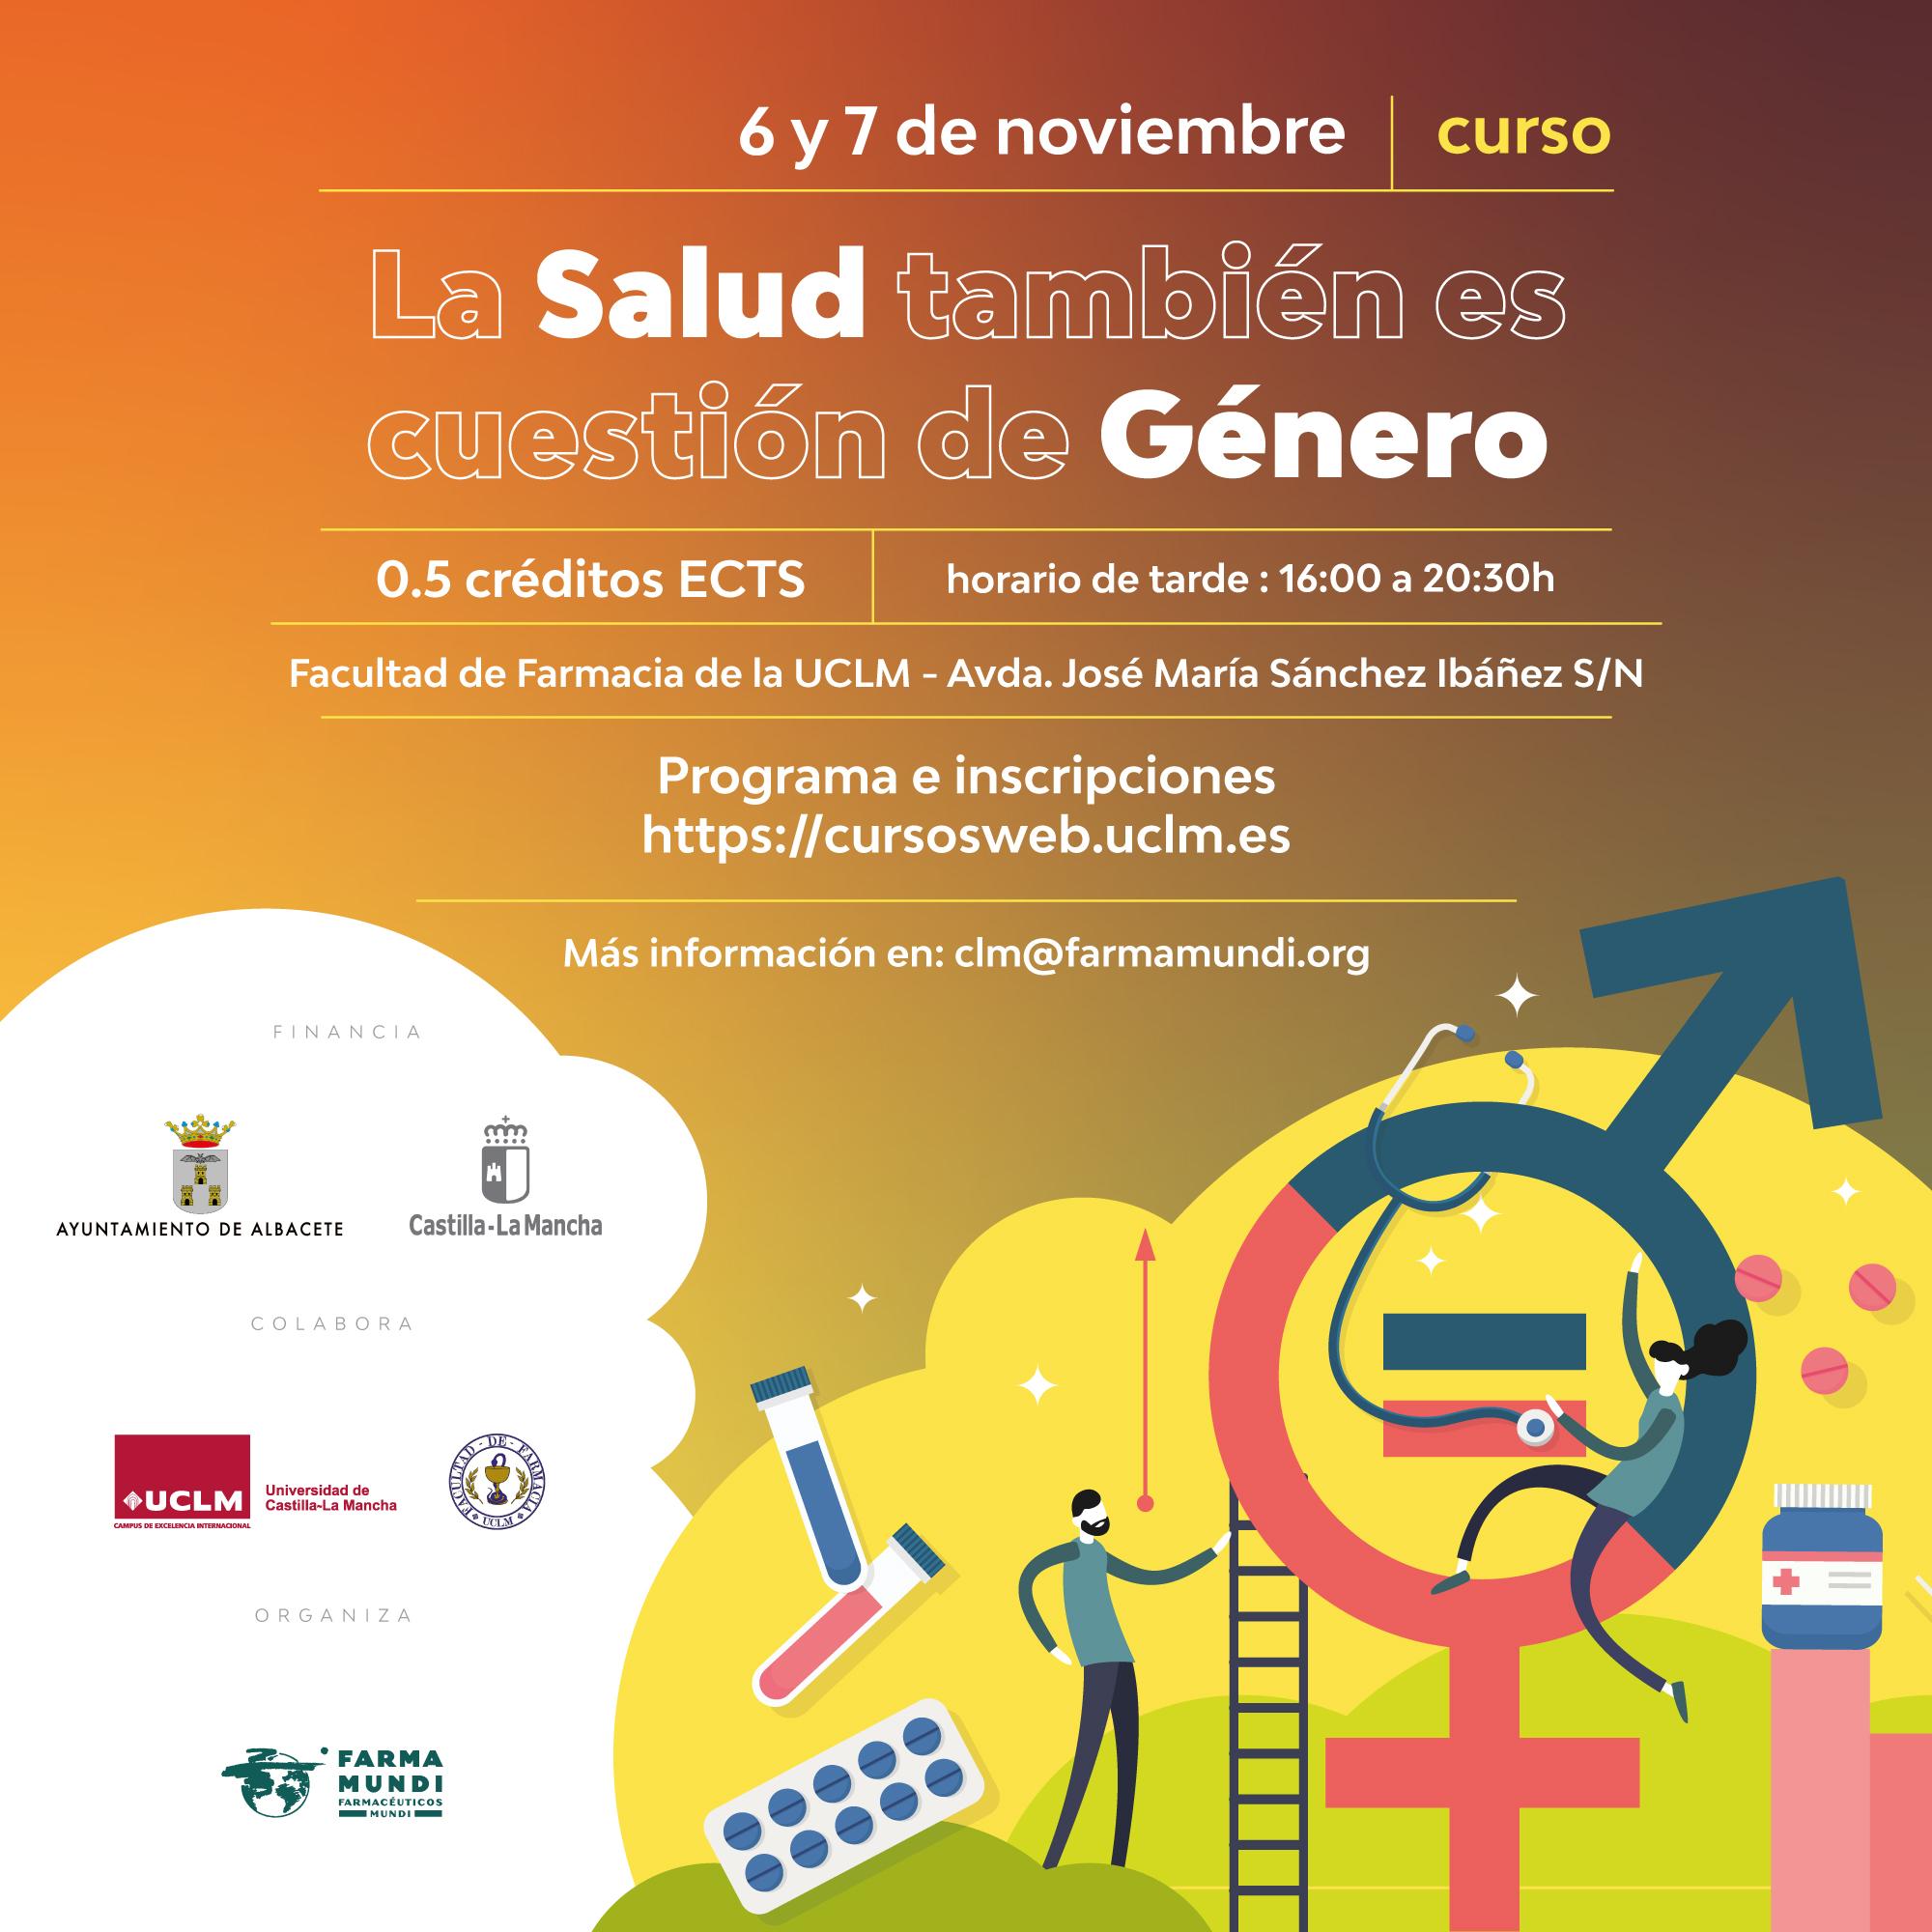 Farmamundi organiza el curso La salud también es cuestión de género en Albacete